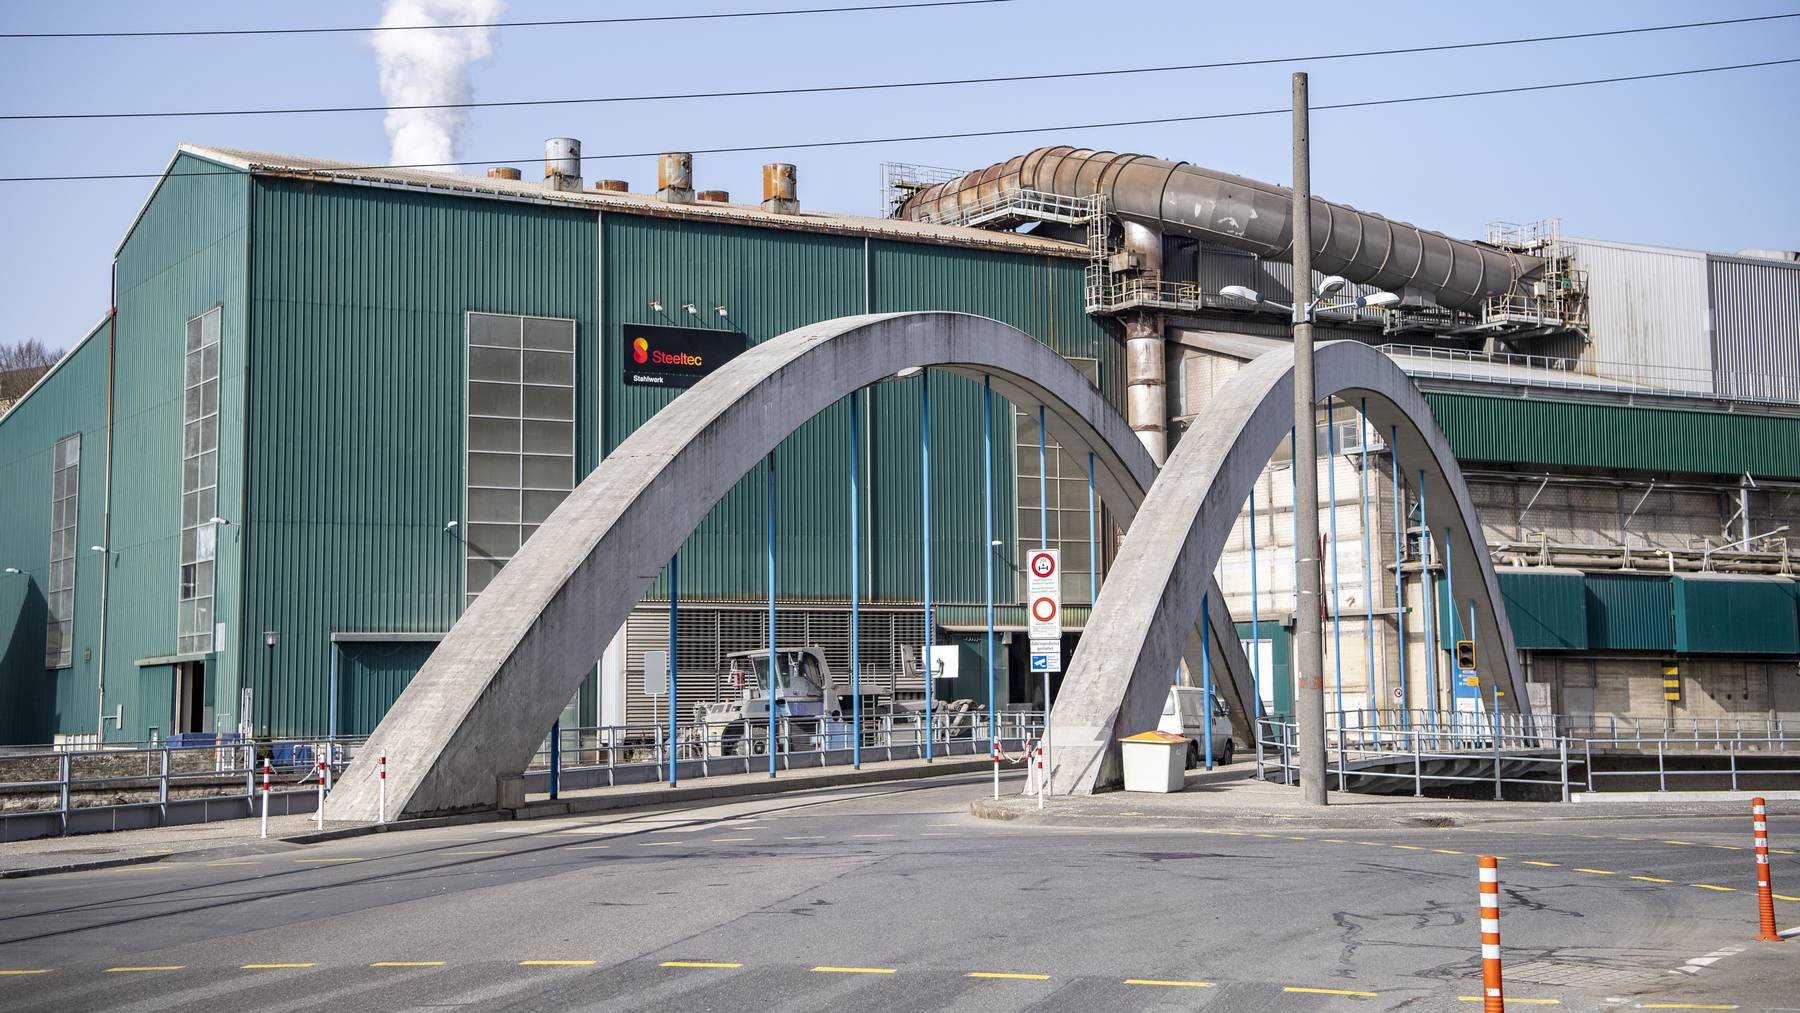 Der Produktionsstandort der Steeltec und Swiss Steel in Emmenbruecke im Kanton Luzern am Mittwoch,24. Februar 2021.